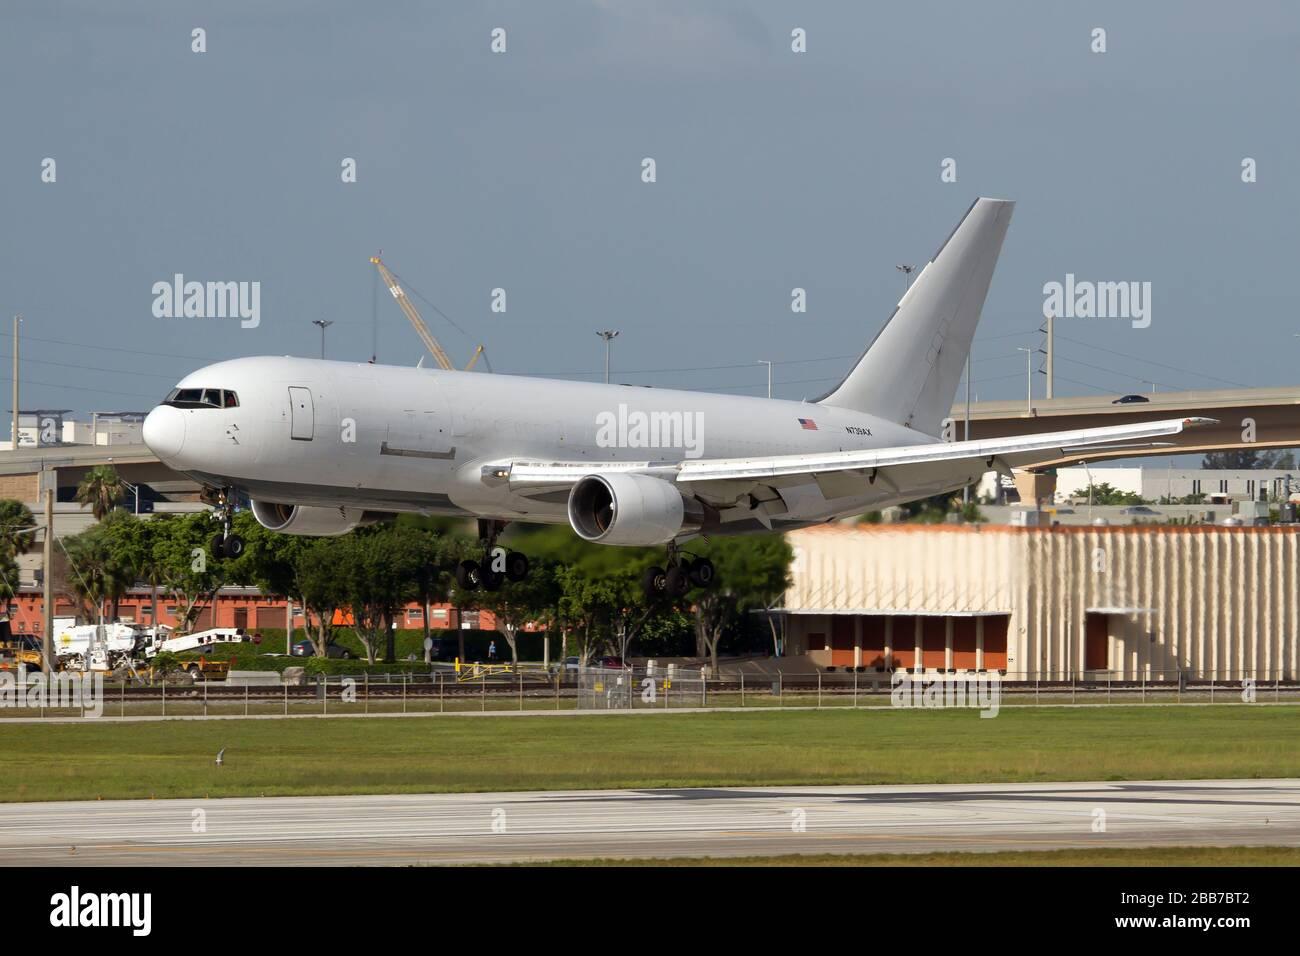 Miami, Florida, EE.UU. 20 de junio de 2016. Un avión de carga Amerijet International Boeing 767-200 aterriza en el aeropuerto internacional de Miami. Crédito: Fabrizio Gandolfo/SOPA Images/ZUMA Wire/Alamy Live News Foto de stock